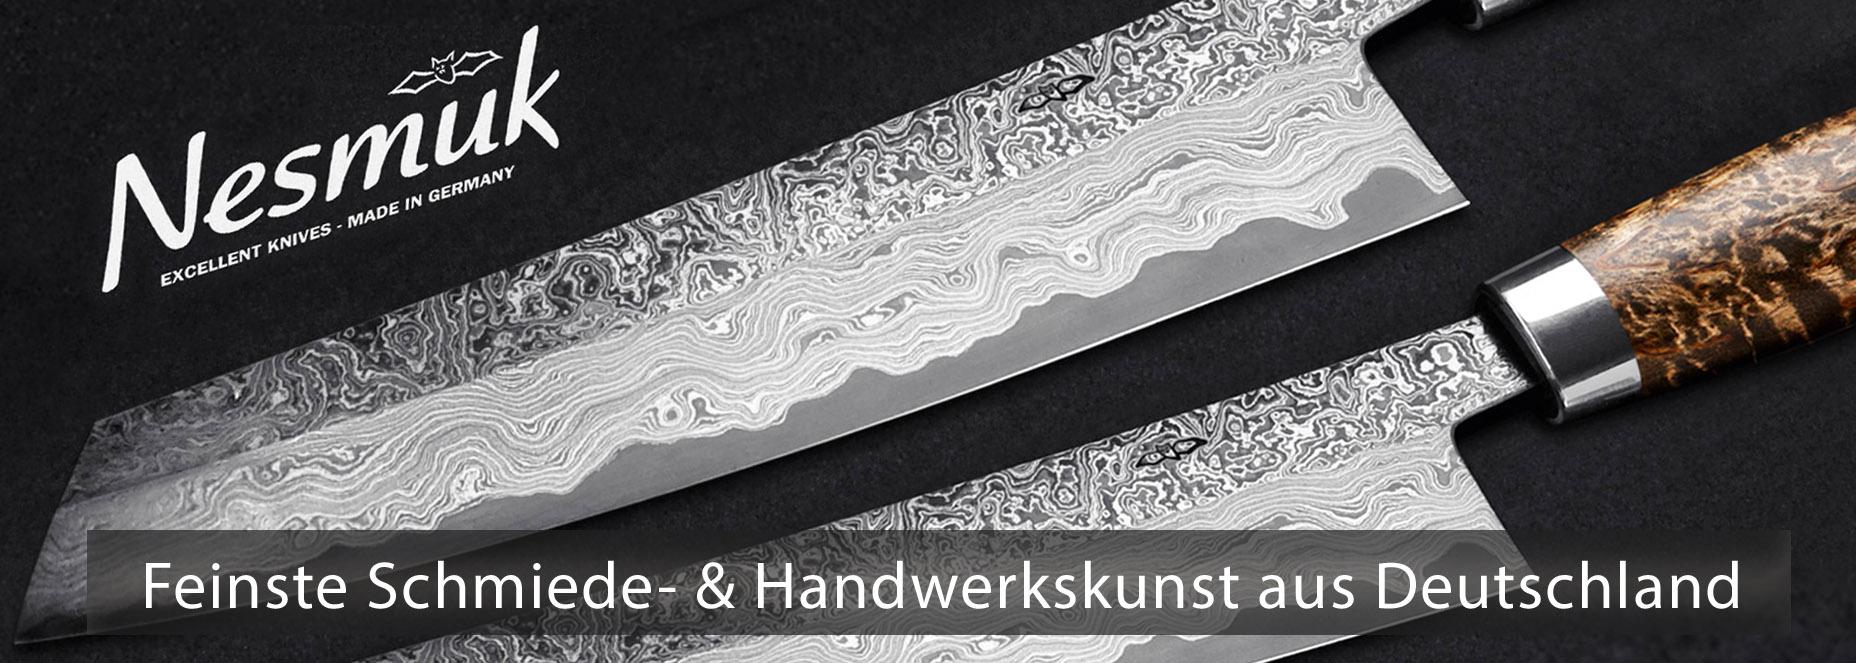 Küchenmesser aus der Nesmuk Manufaktur in Solingen